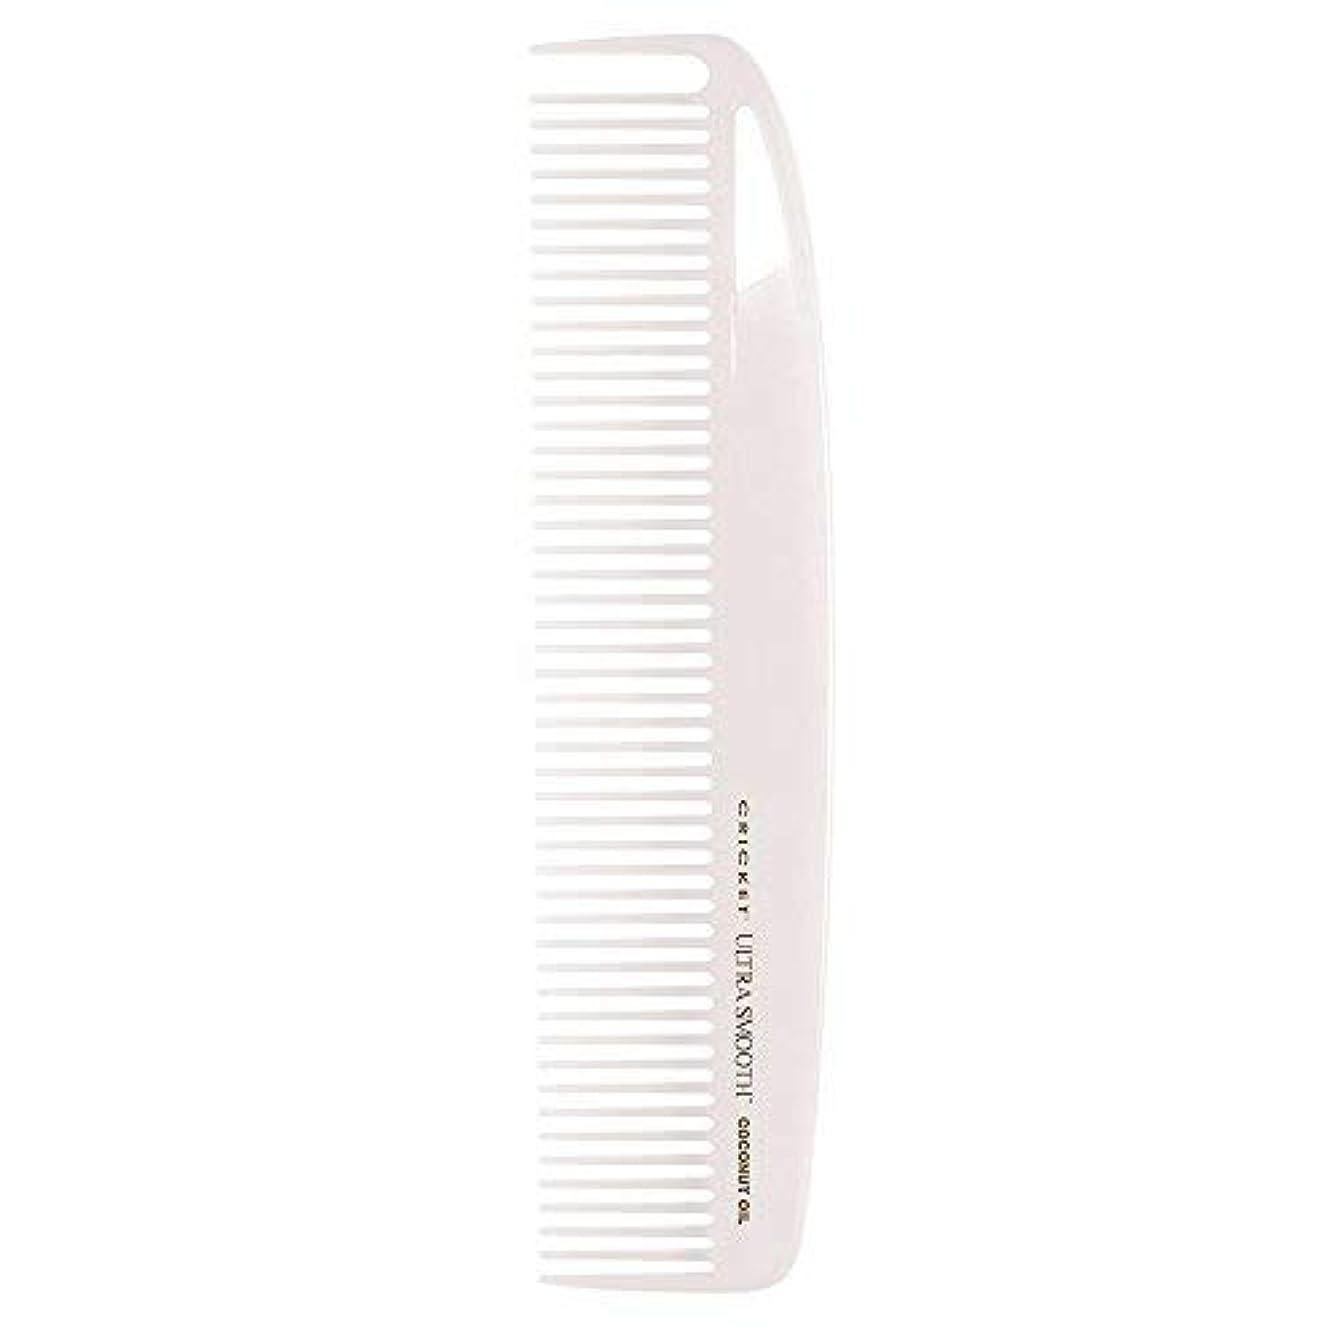 ソーセージ大宇宙強調Ultra Smooth Coconut Dressing Comb [並行輸入品]